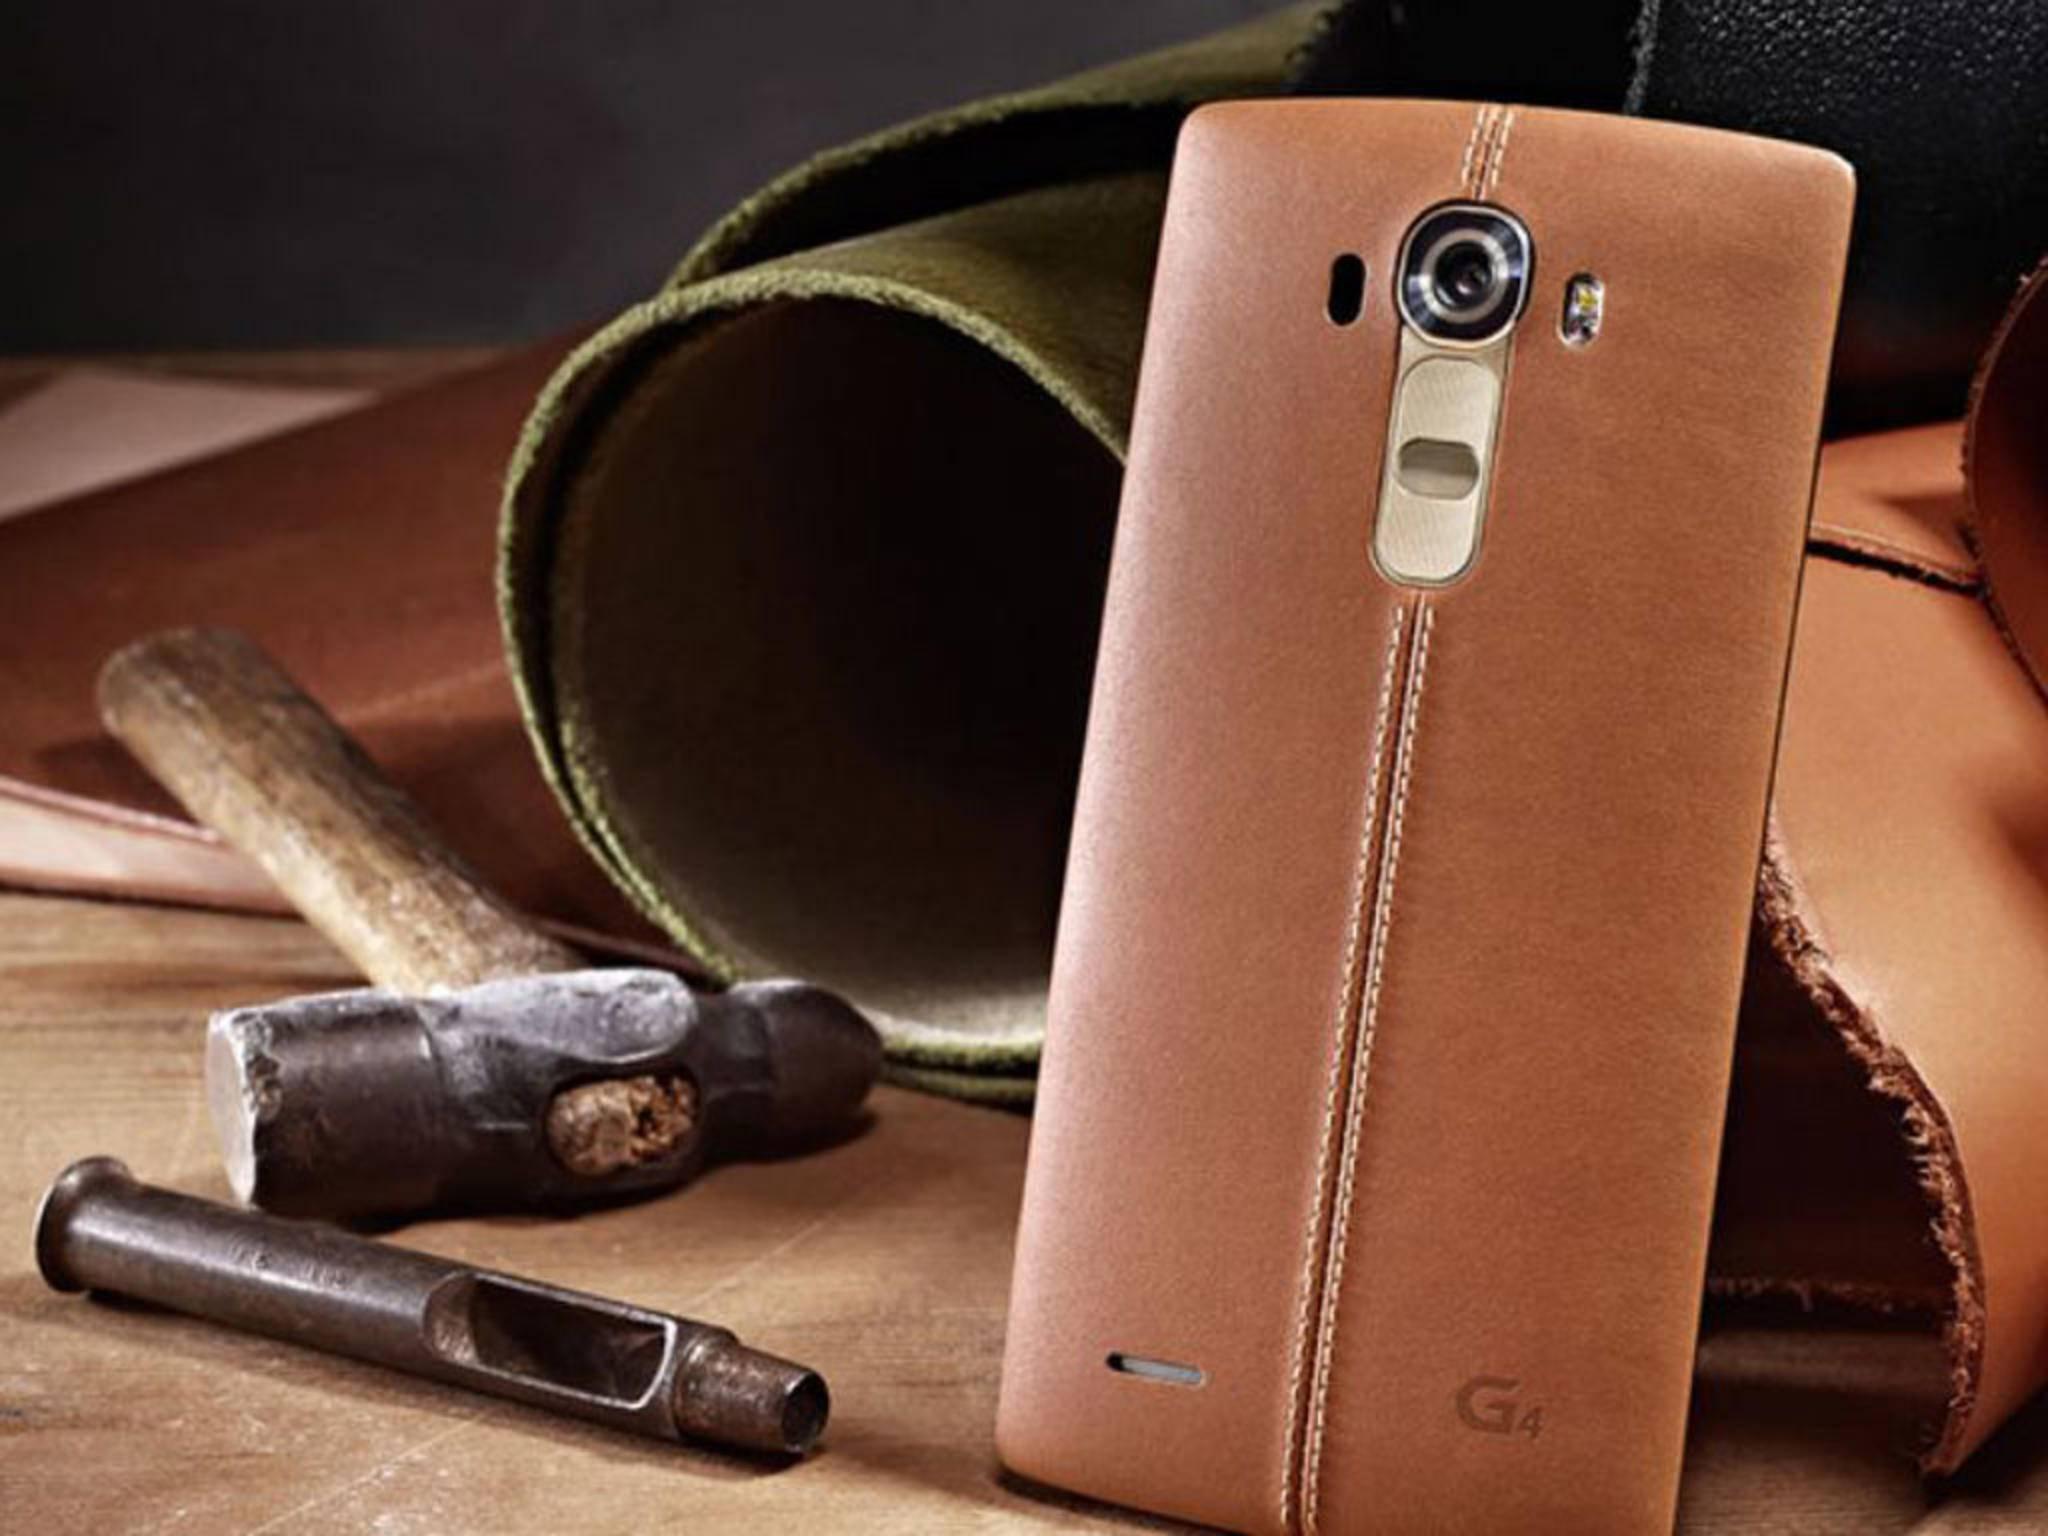 Am 28. April soll es offiziell vorgestellt werden: das LG G4.